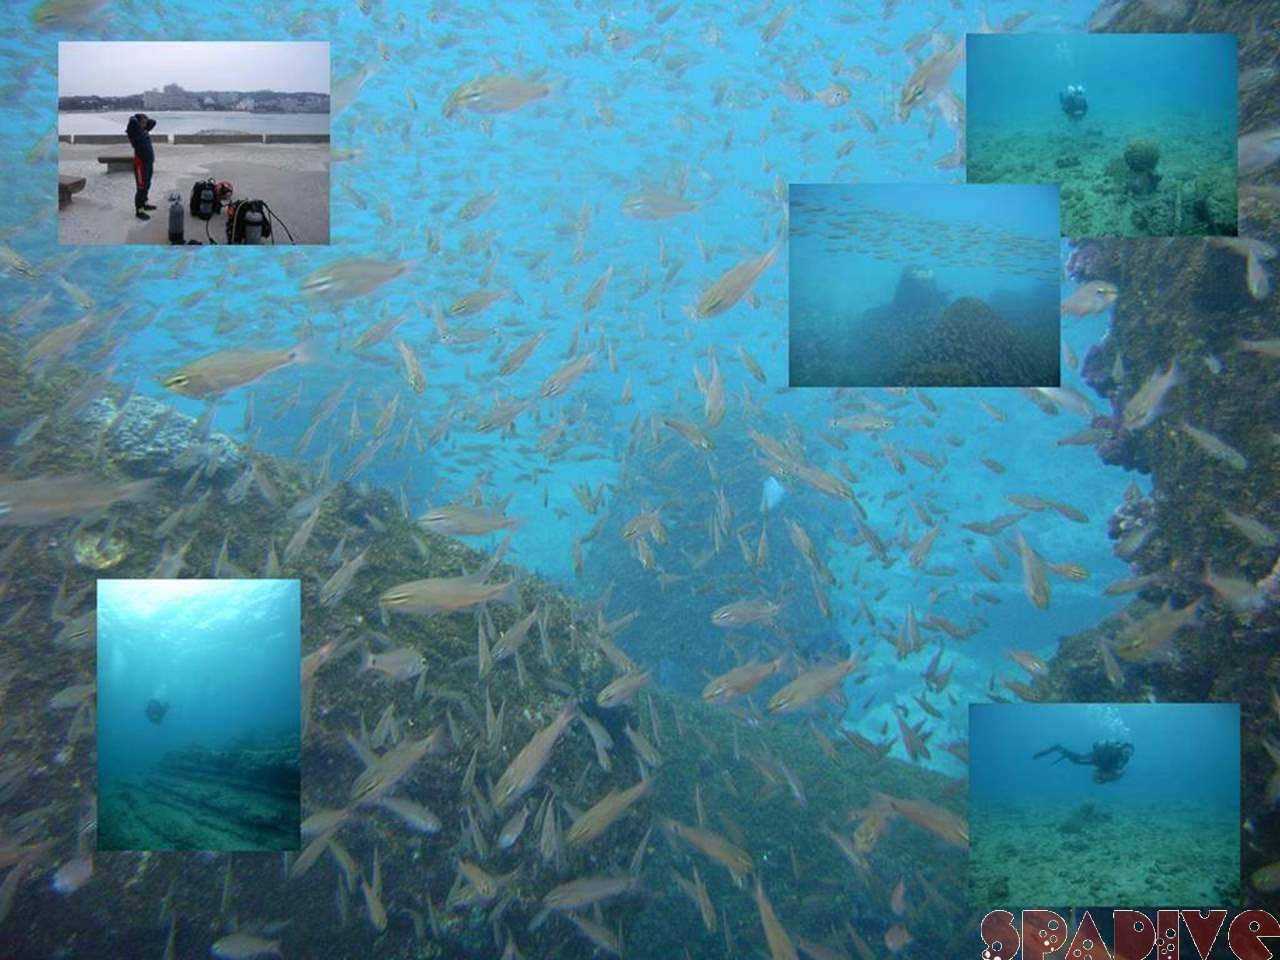 権現崎ビーチ水中スクーターダイブ|12/21/2007南紀白浜